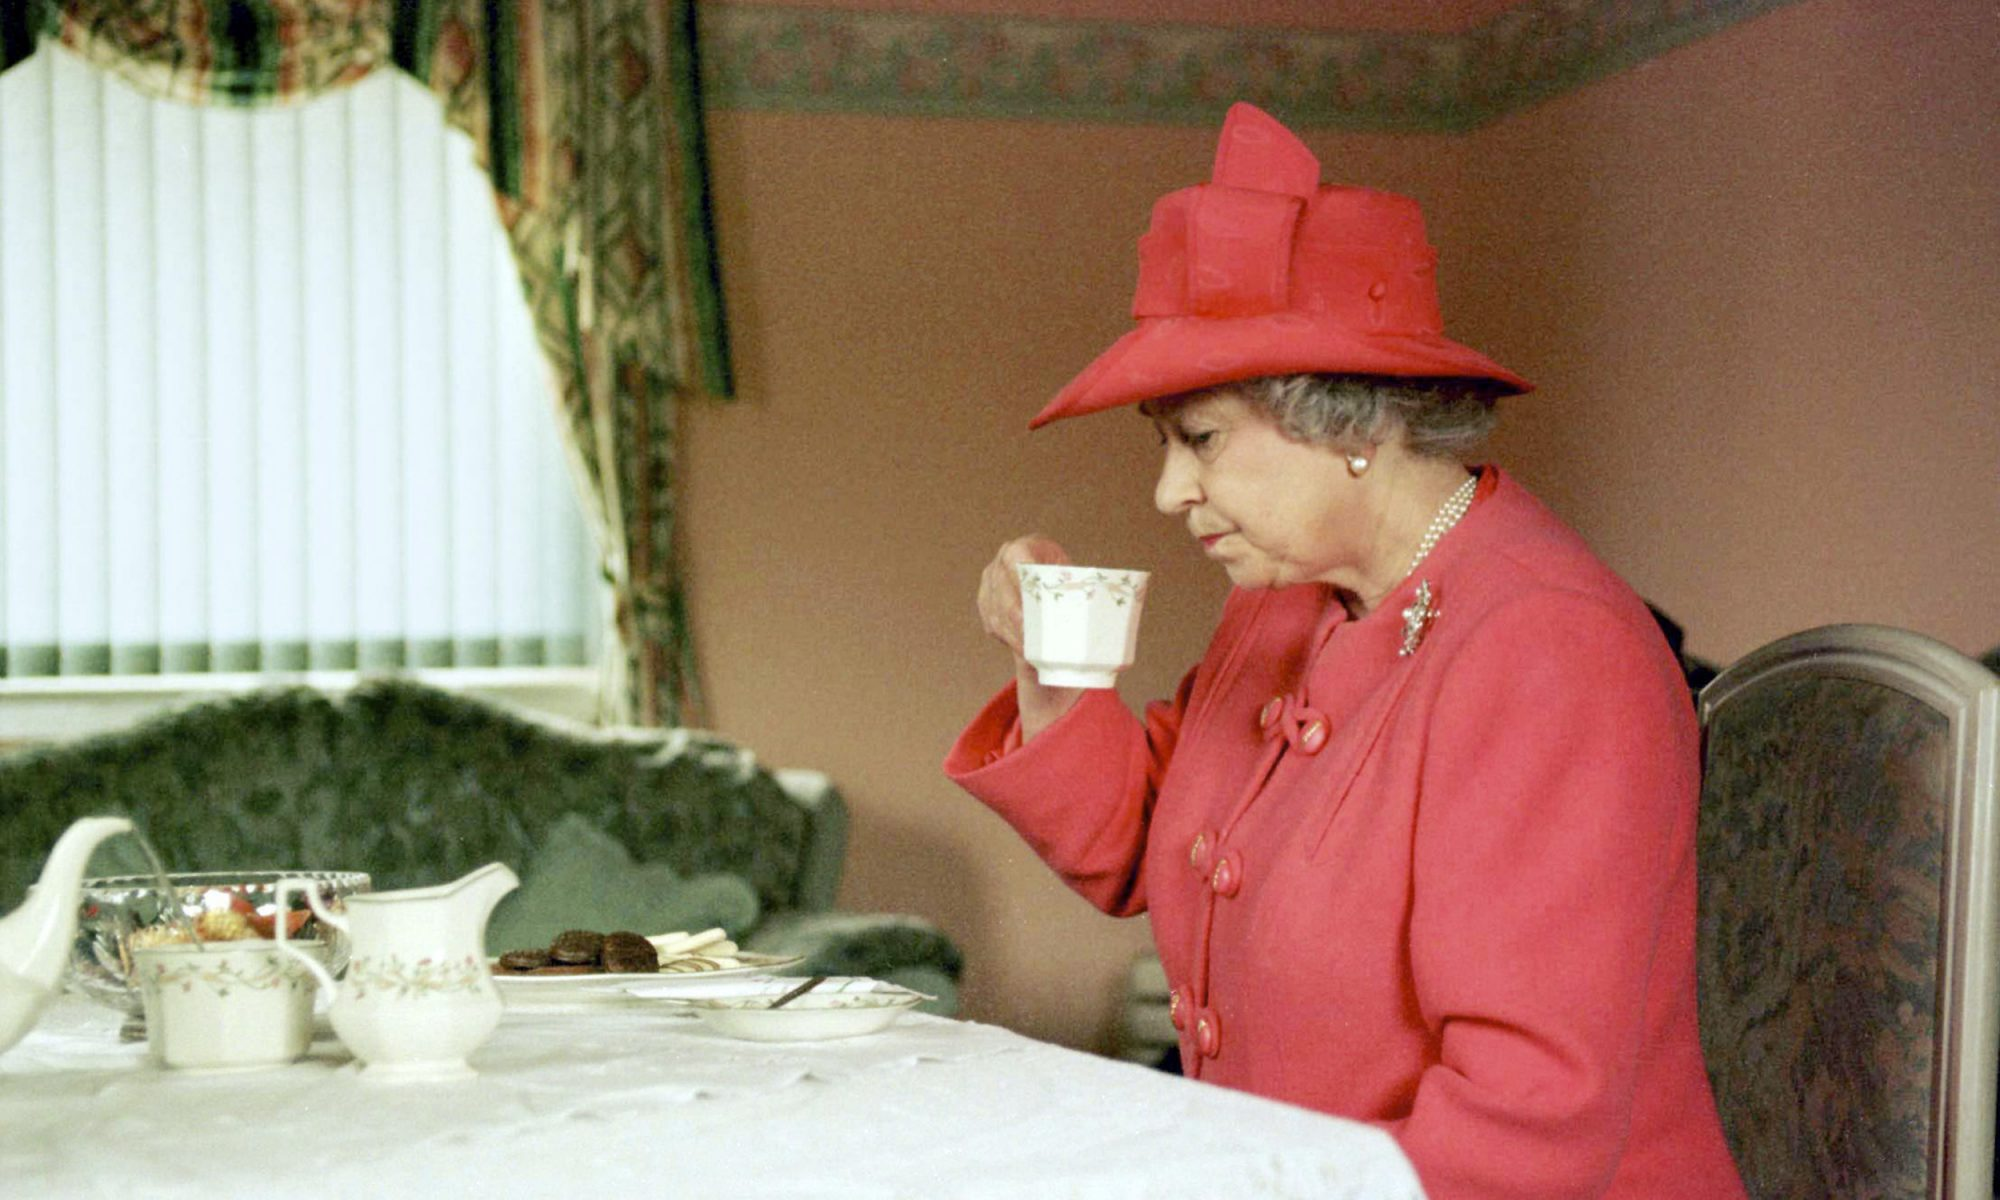 EC: The Queen of England Eats Breakfast Before Breakfast